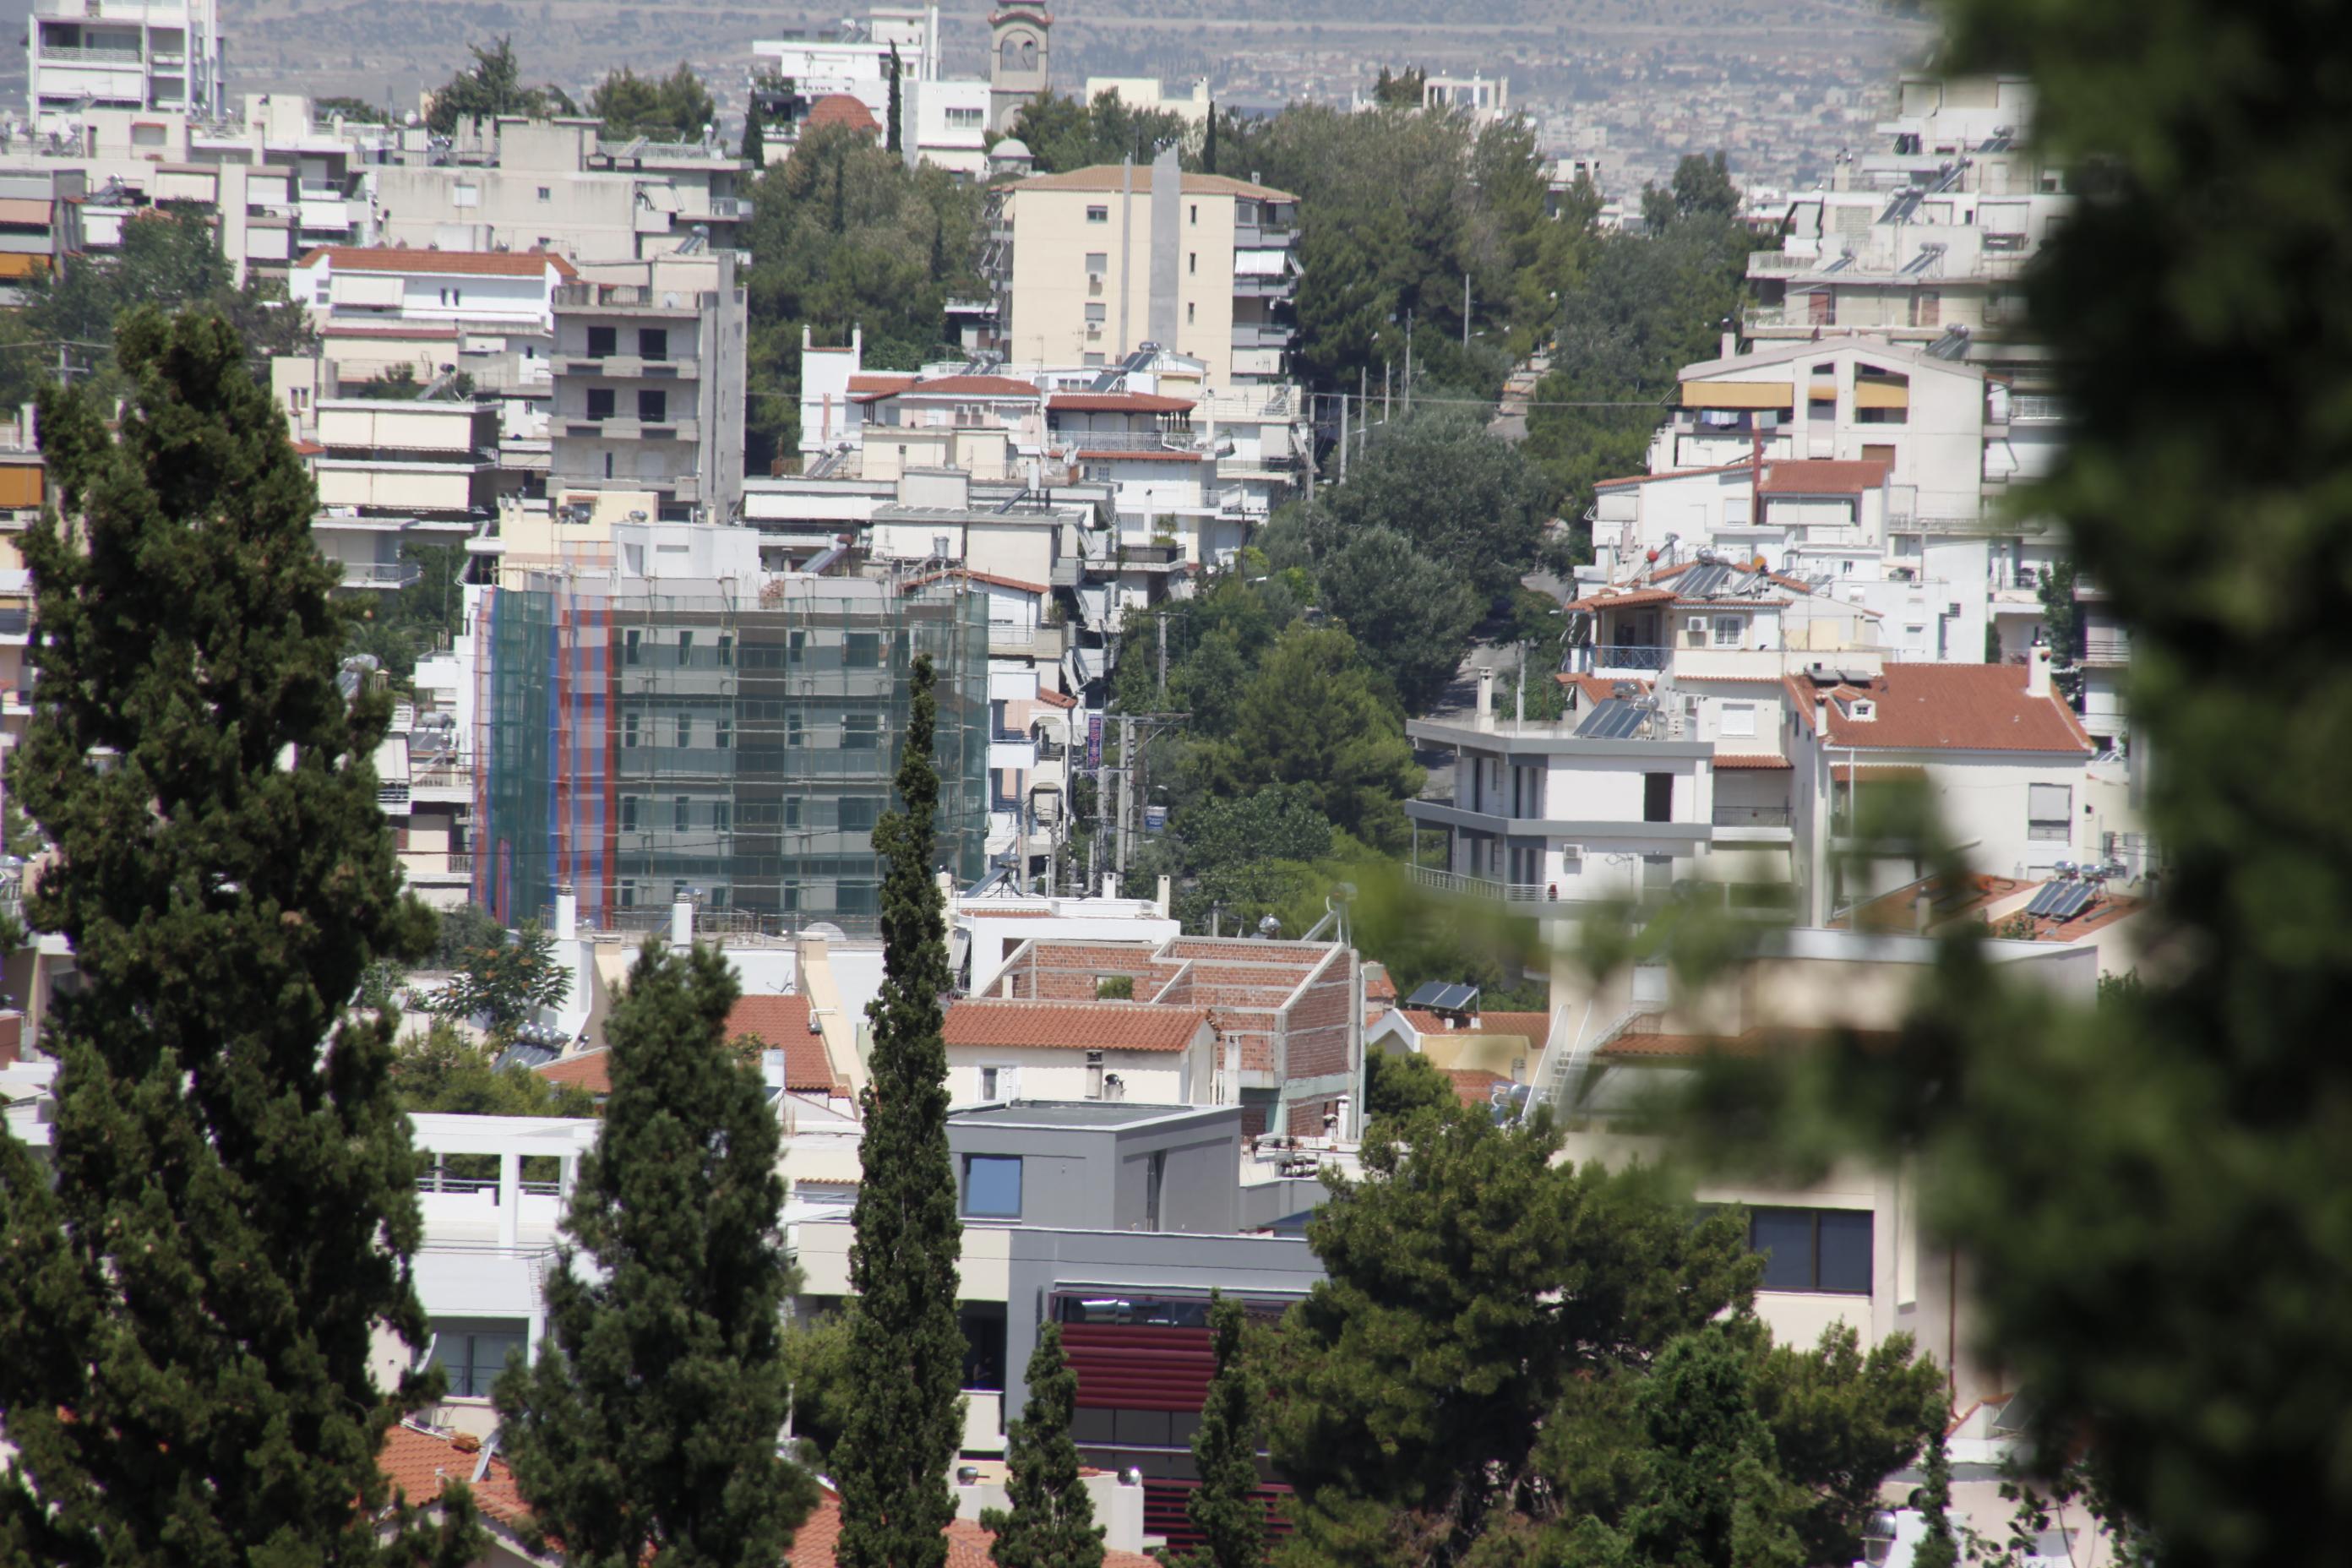 Συνεχίζεται η πτώση στις τιμές των διαμερισμάτων | tovima.gr